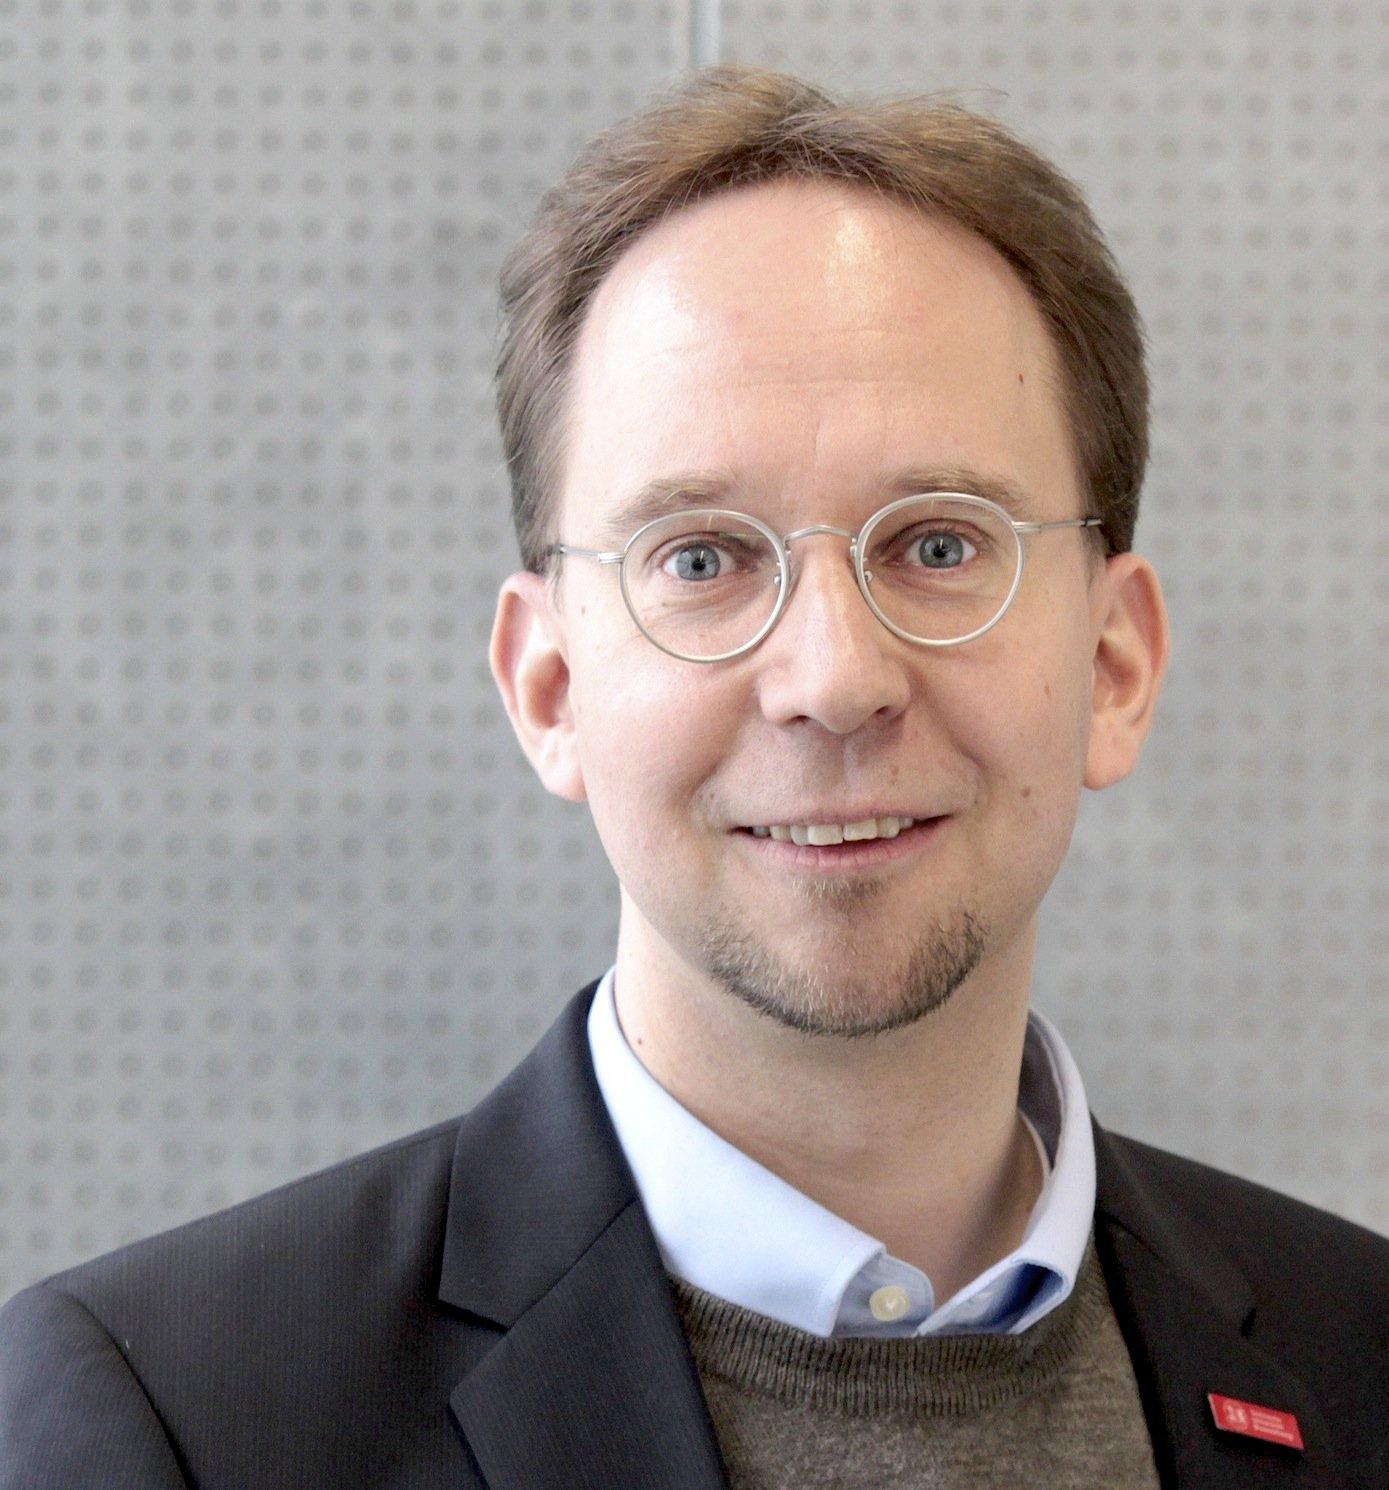 Prof. Konrad Rieck, Leiter des Instituts für Systemsicherheit der TU Braunschweig, hat in 234 Apps für Android-Geräte versteckte Ultraschall-Beacons gefunden.